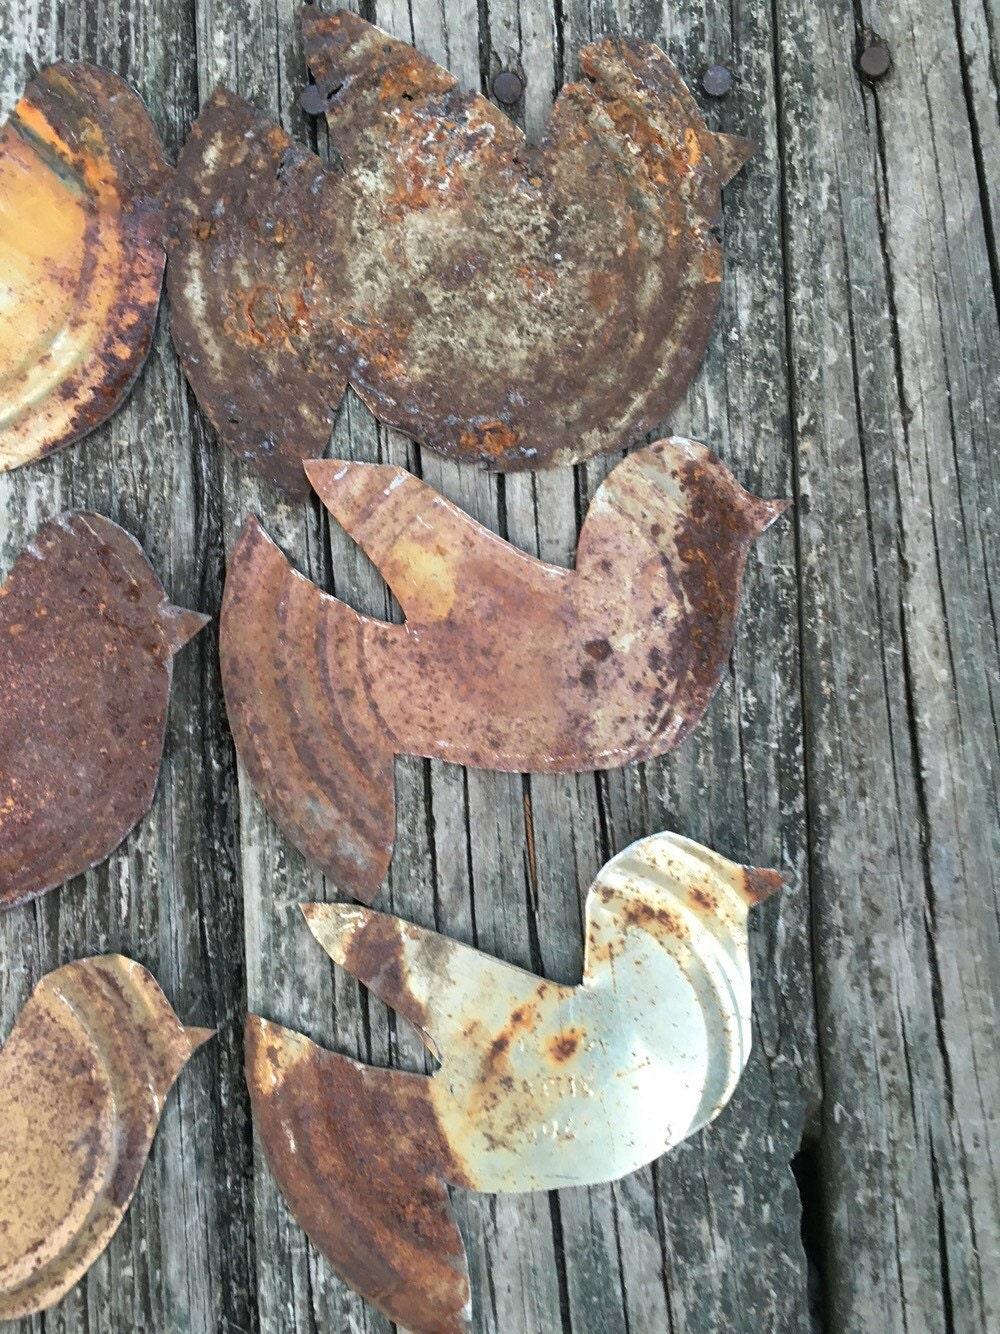 Rusty tin craft supplies -  10 04